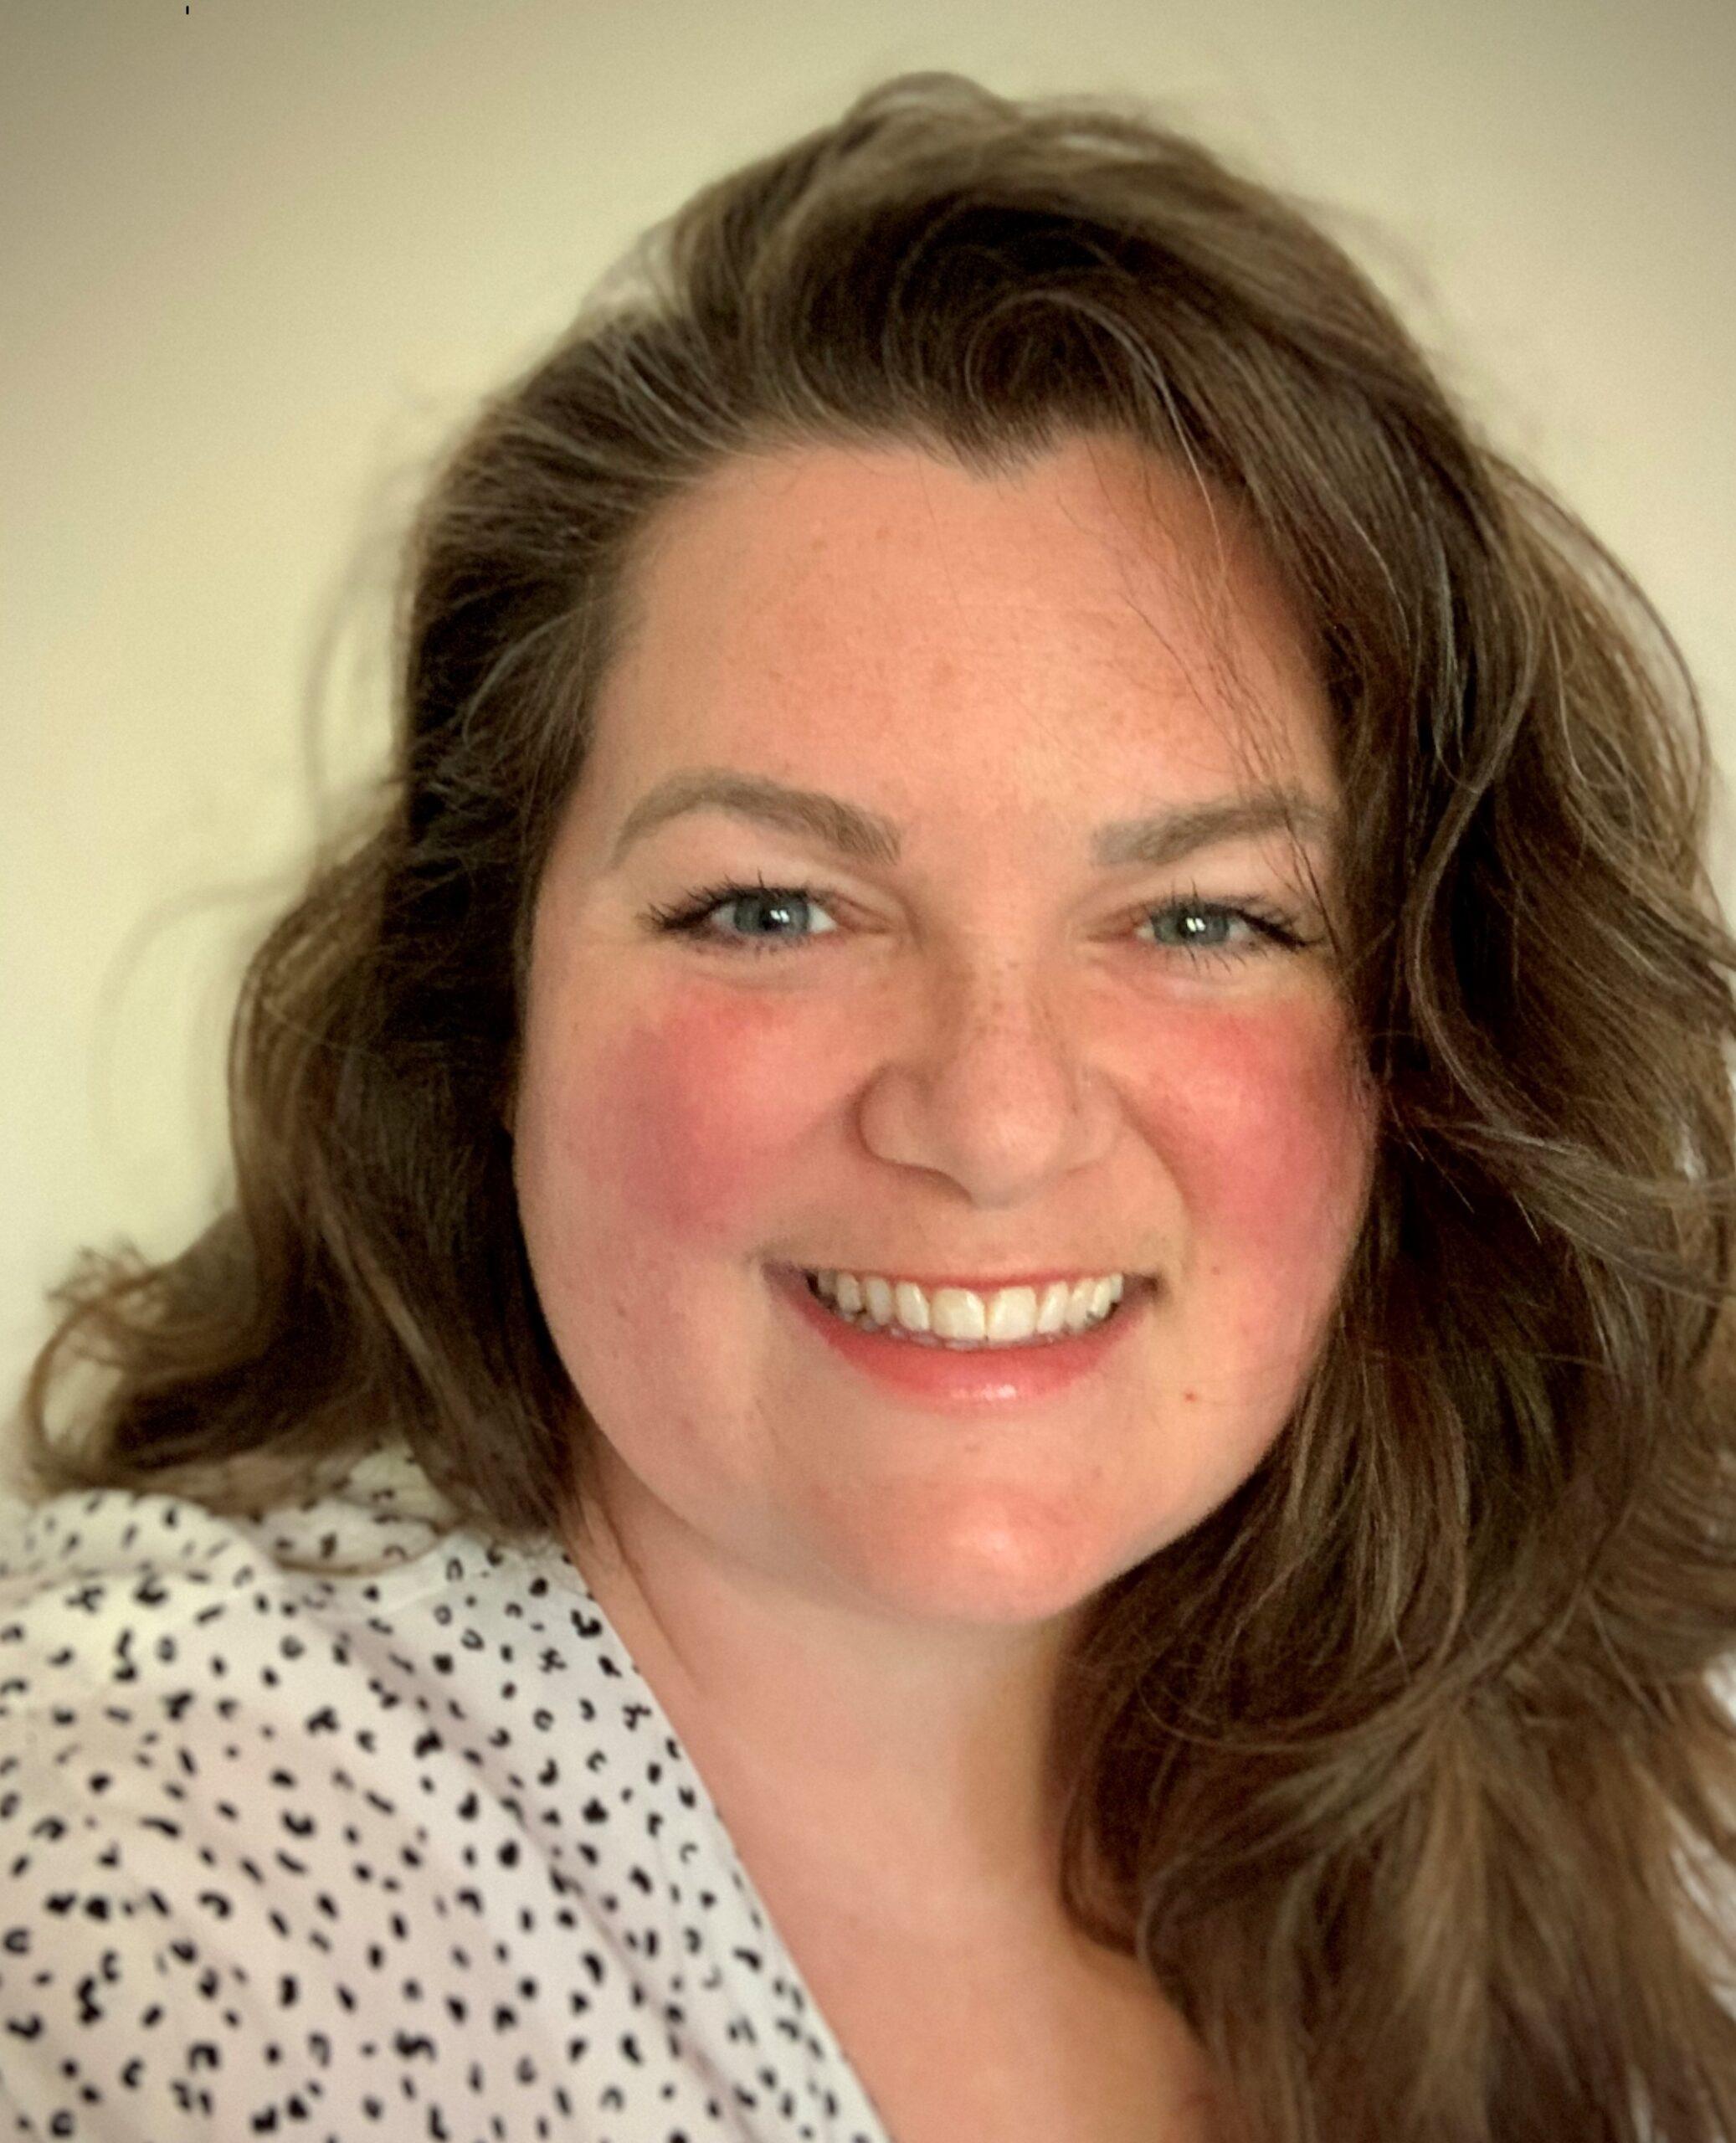 Sarah McKee